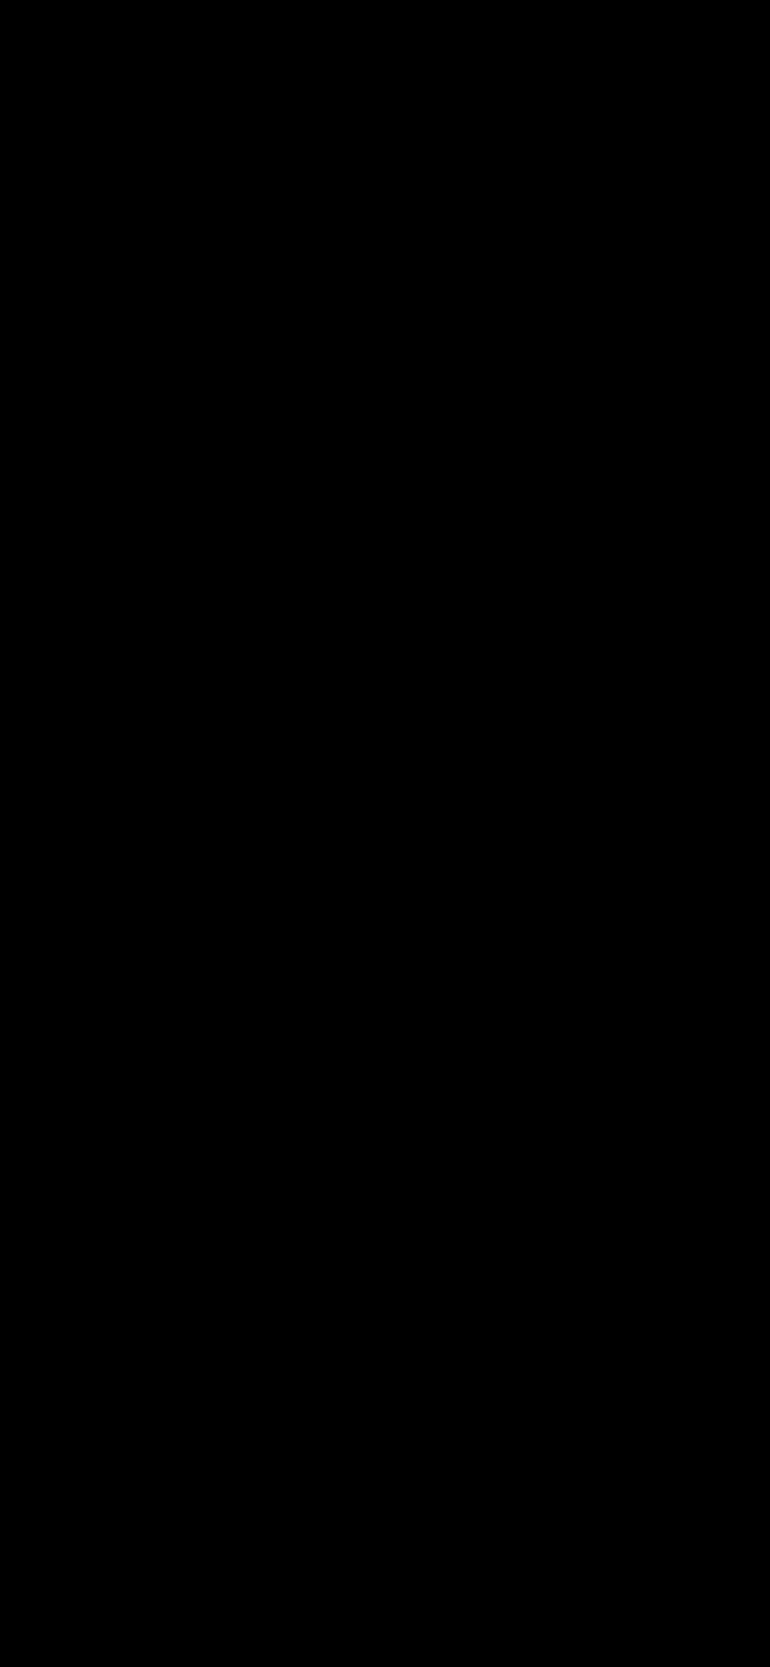 The eufy app looks similar to Arlo's app